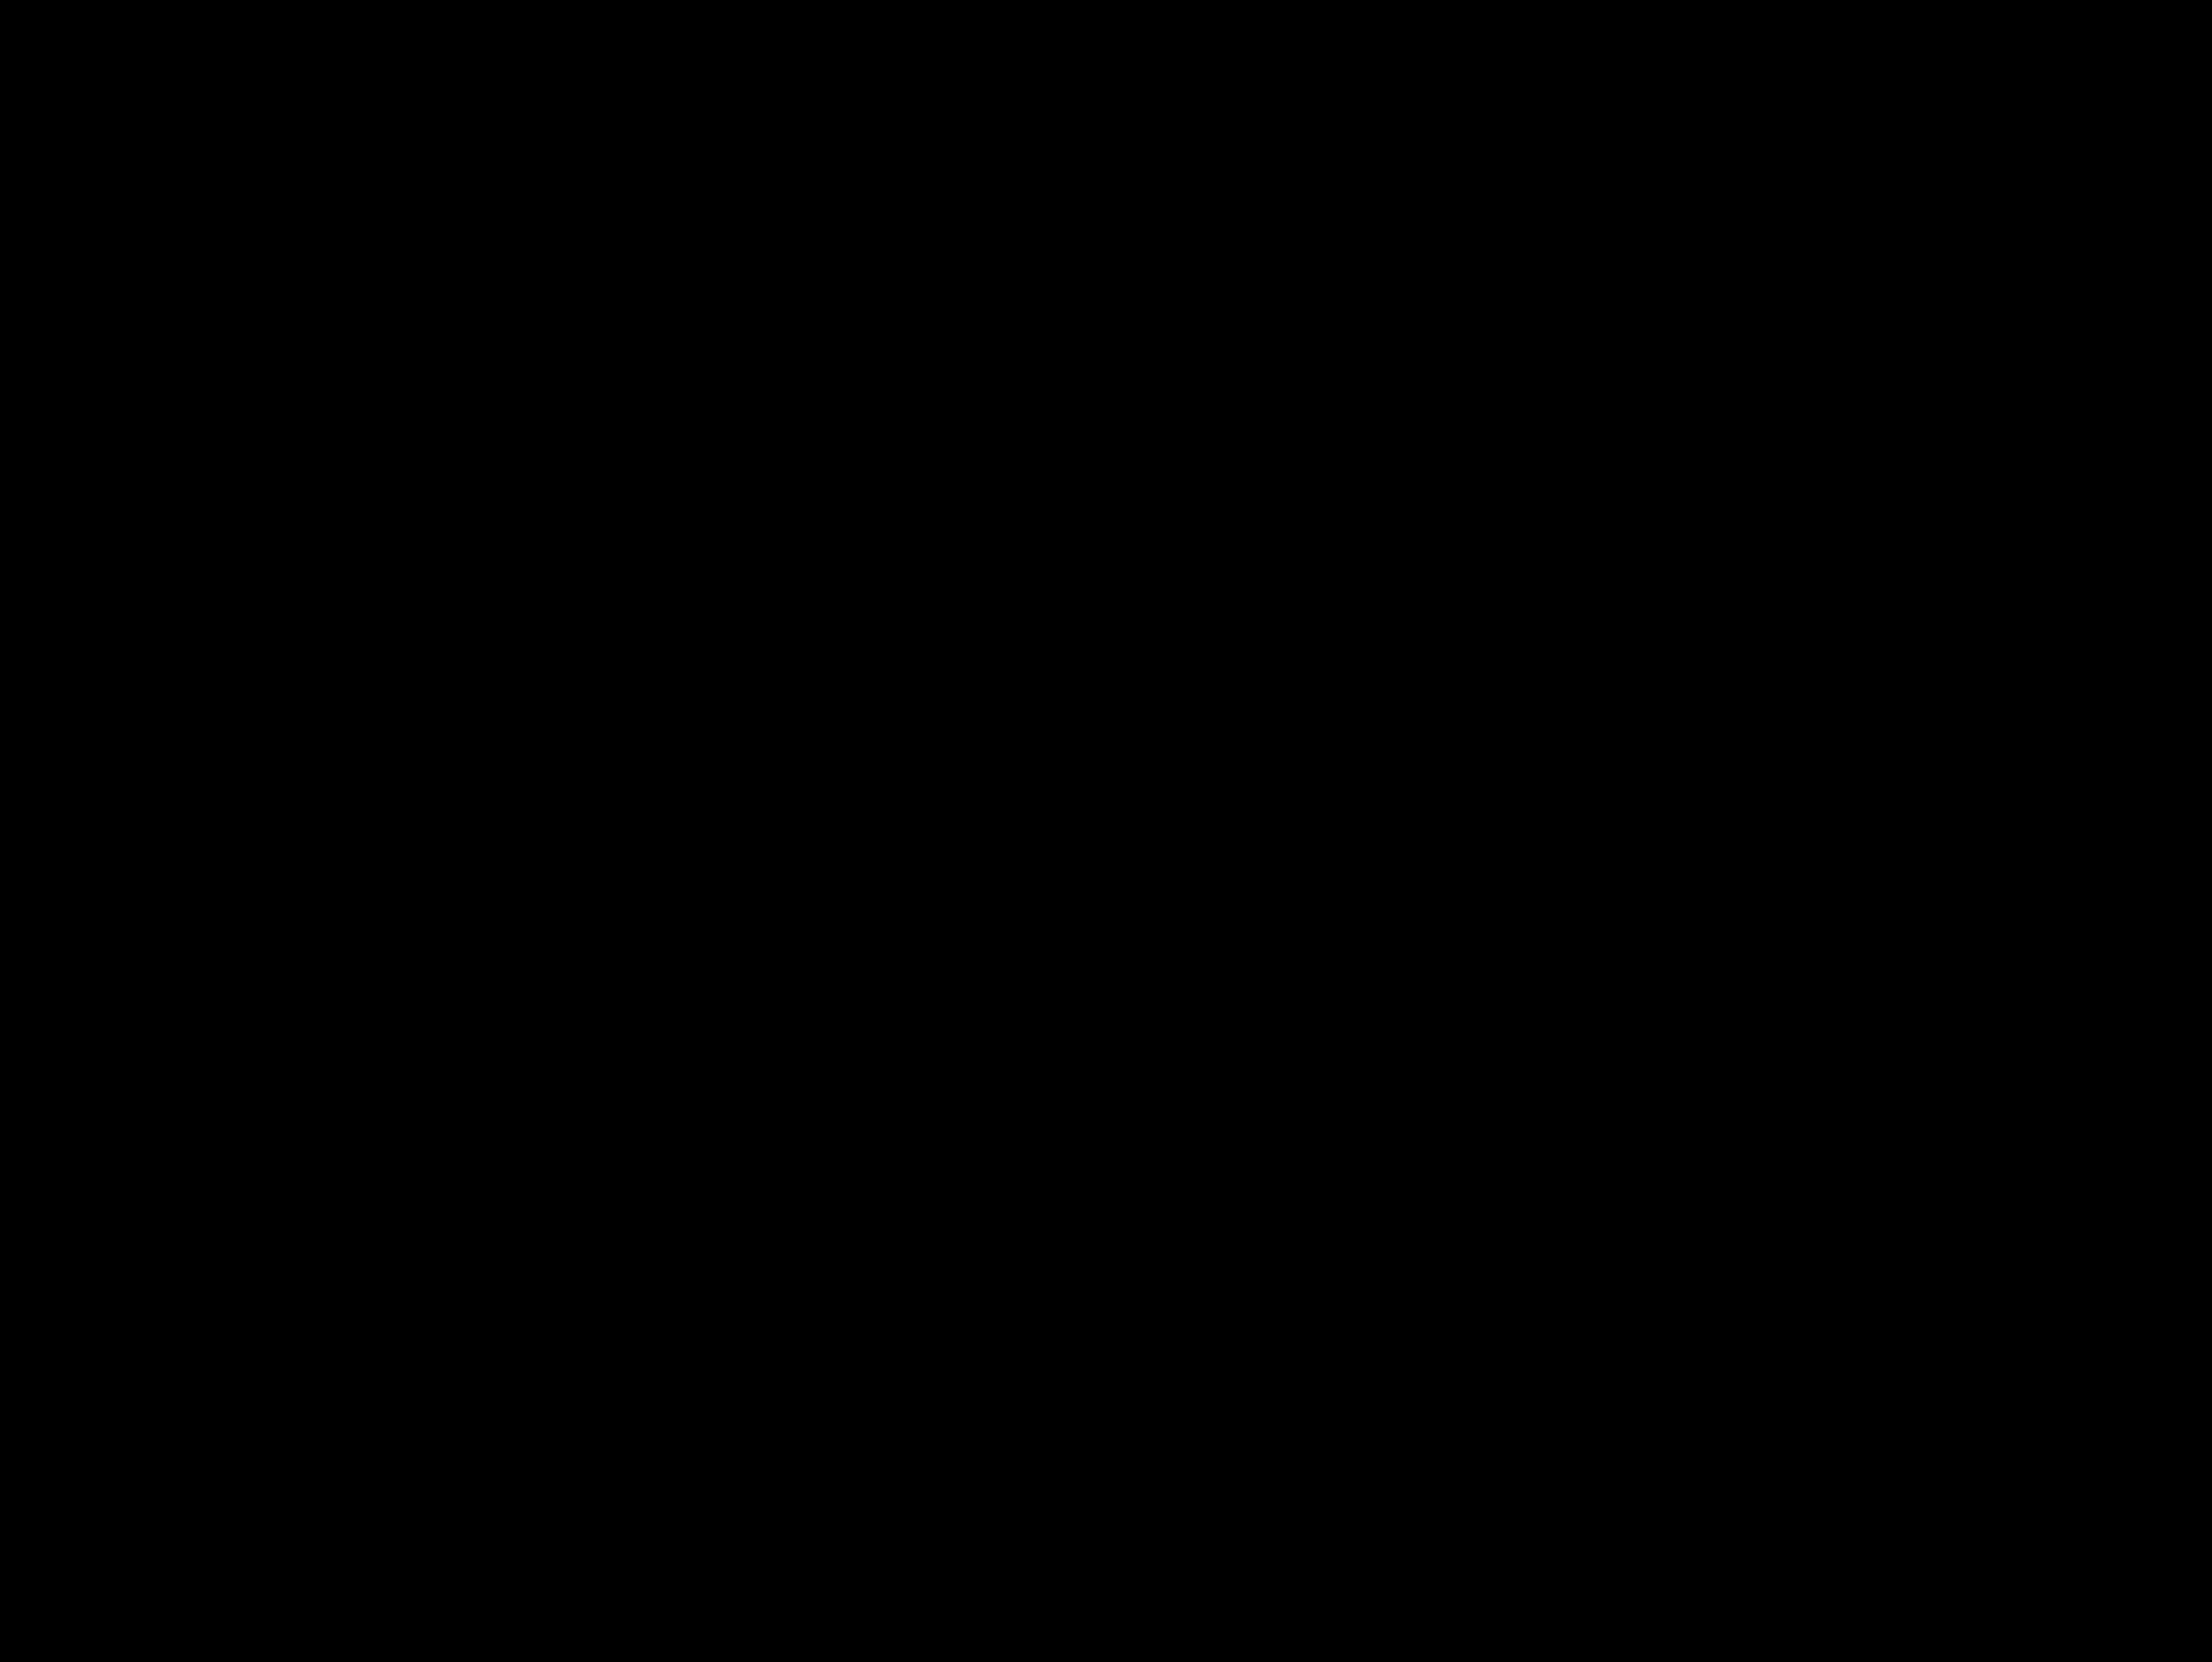 debby ryan boobs bounce gif